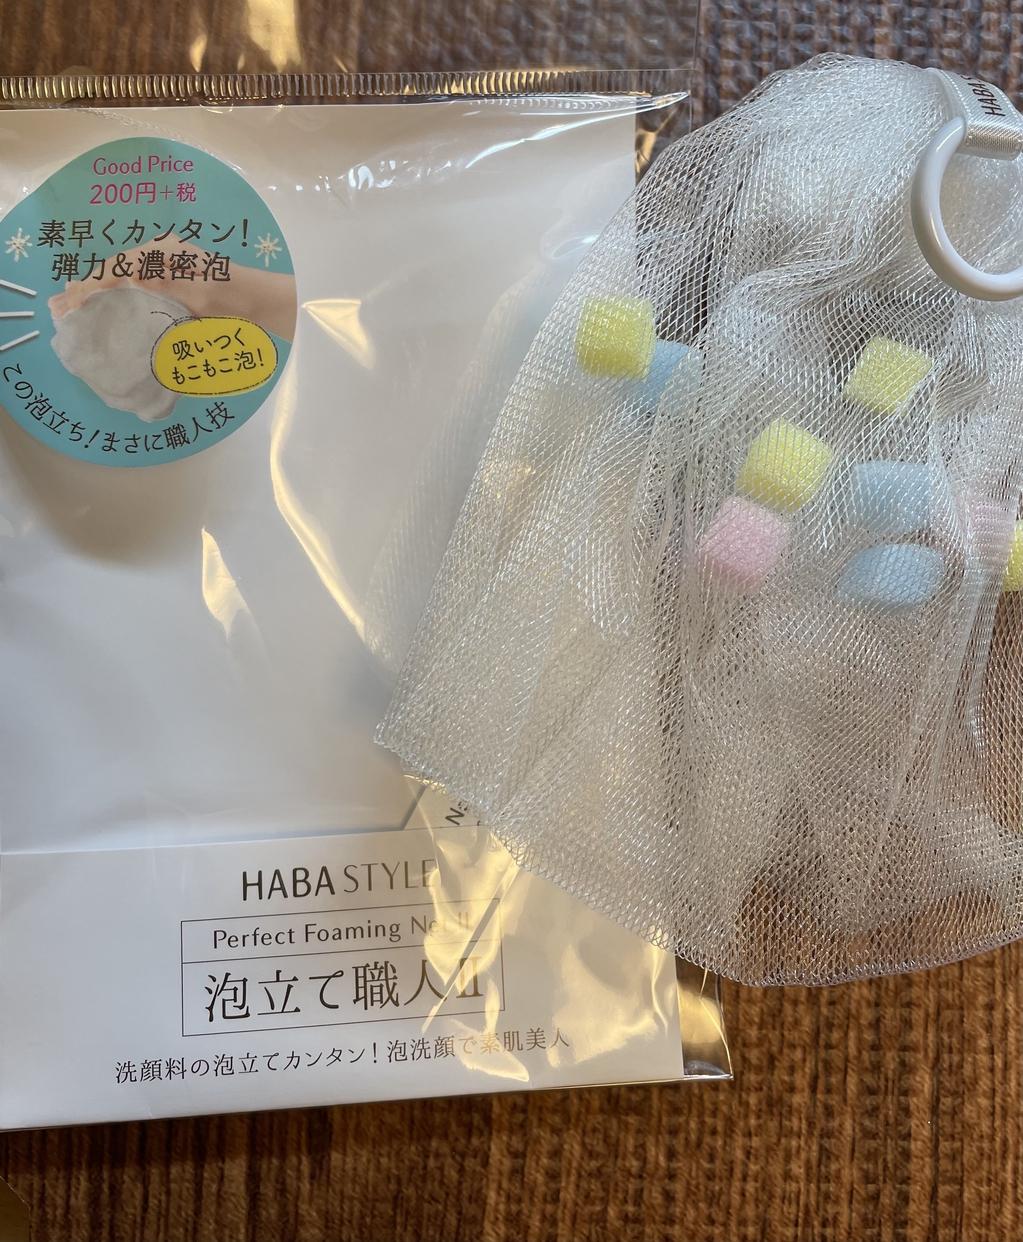 HABA(ハーバー)泡立て職人 IIを使ったgumoさんのクチコミ画像1